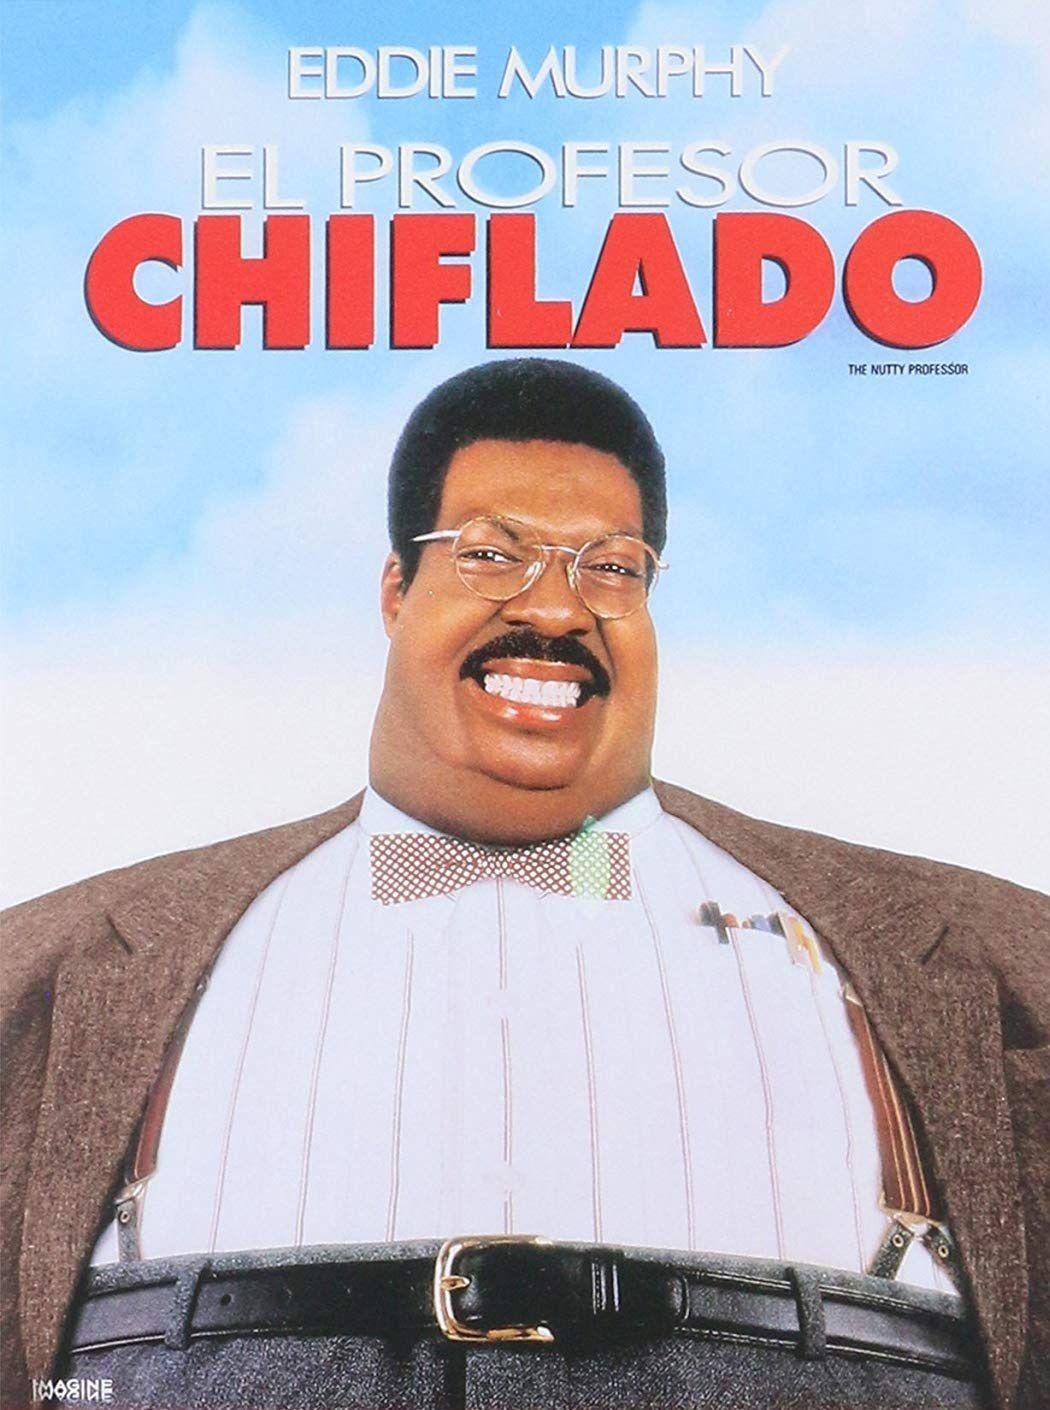 El Profesor Chiflado 1996 The Nutty Professor Funny Movies African American Movies